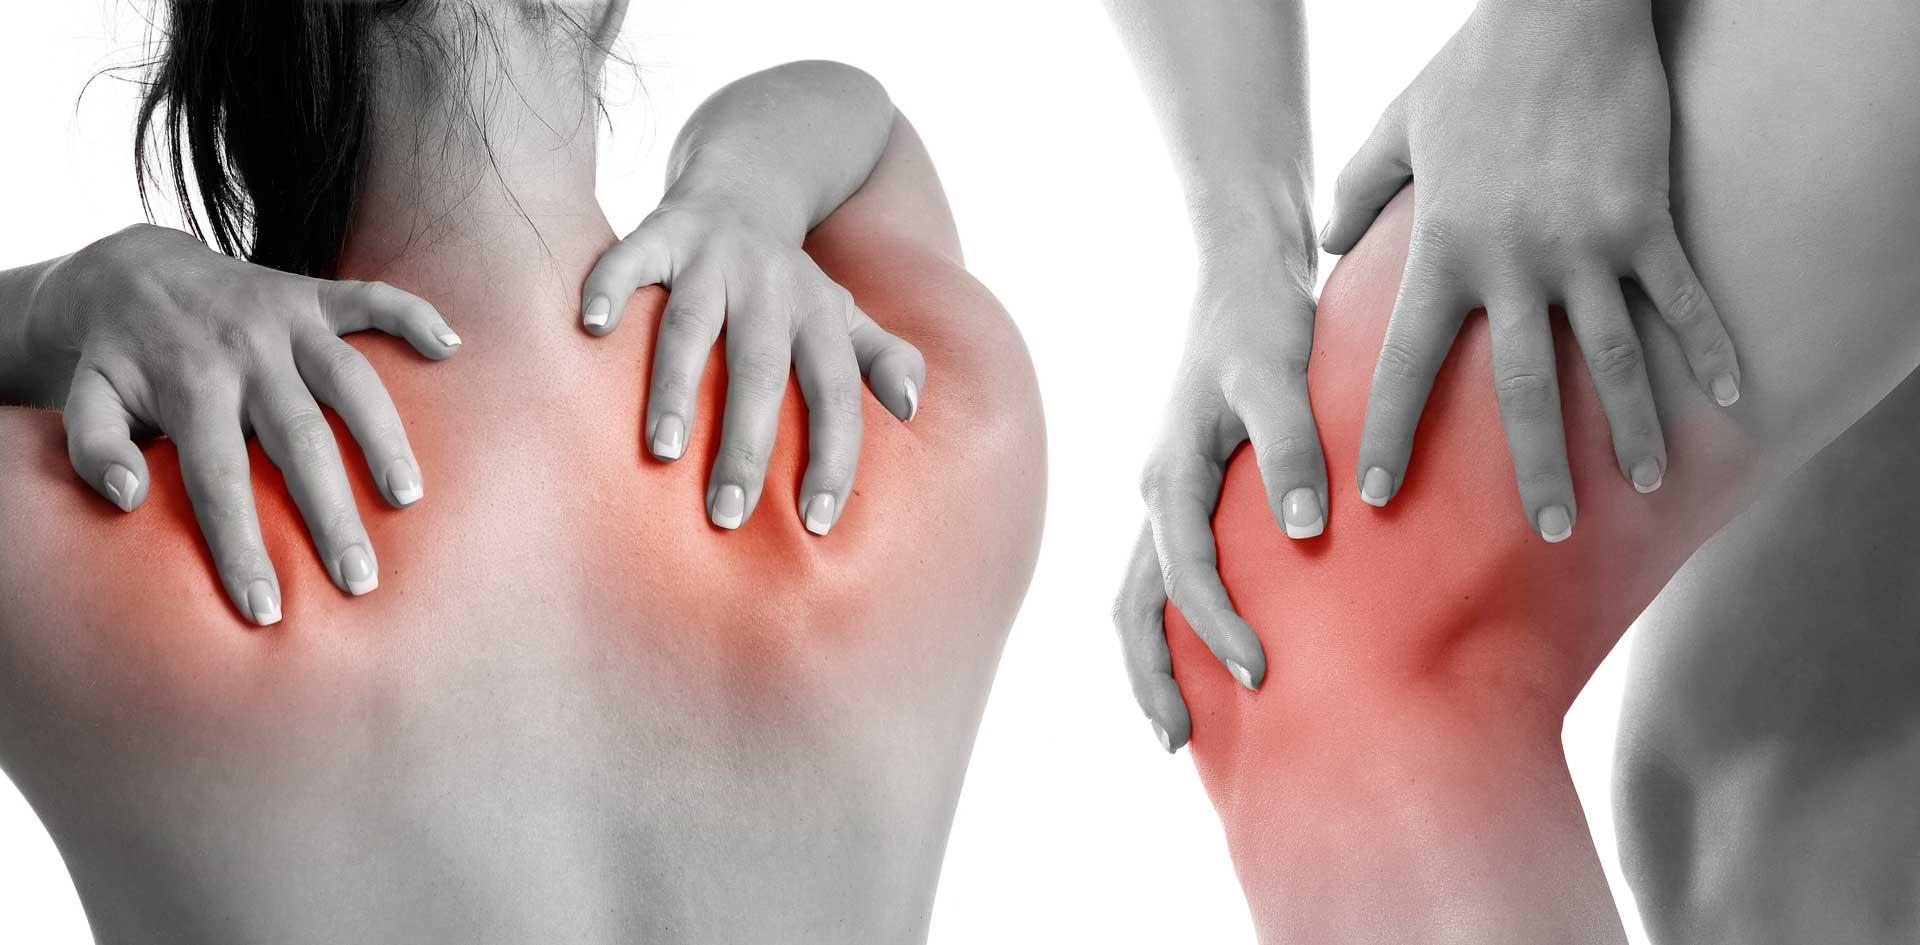 Хламидийный артрит - симптомы диагностика и лечение